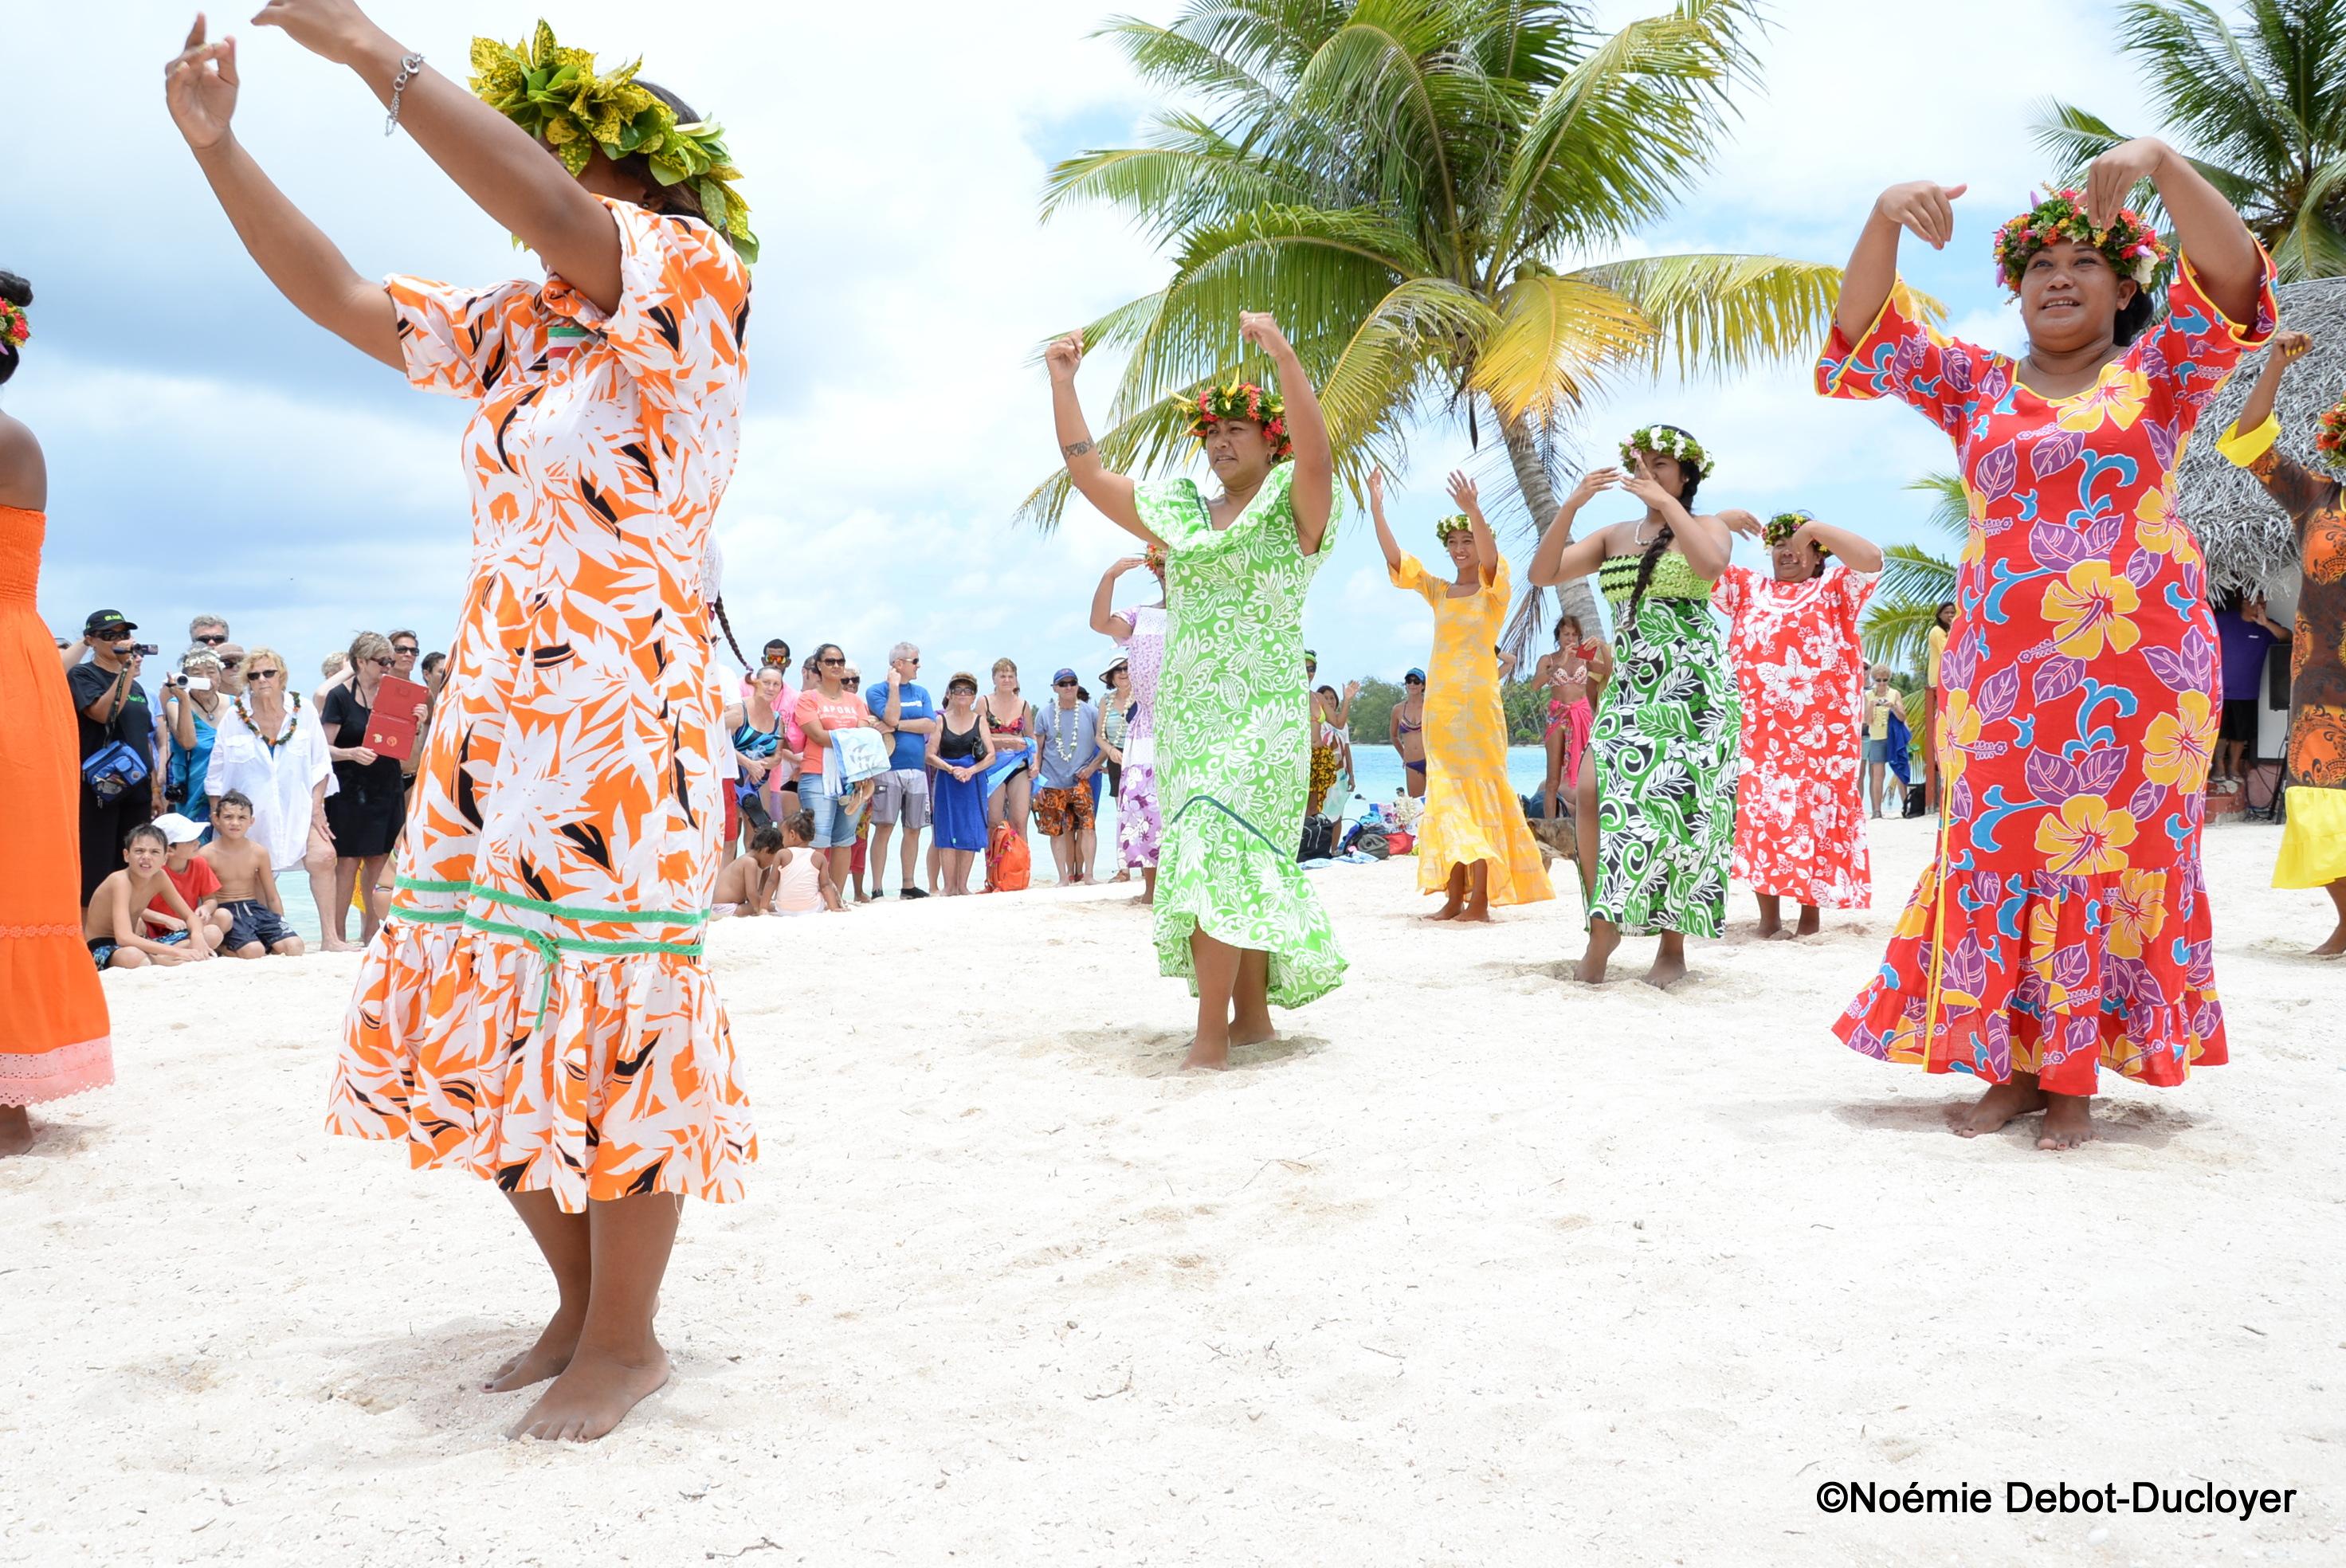 Le Lycée hôtelier et du tourisme de Tahiti, une formation de haut niveau